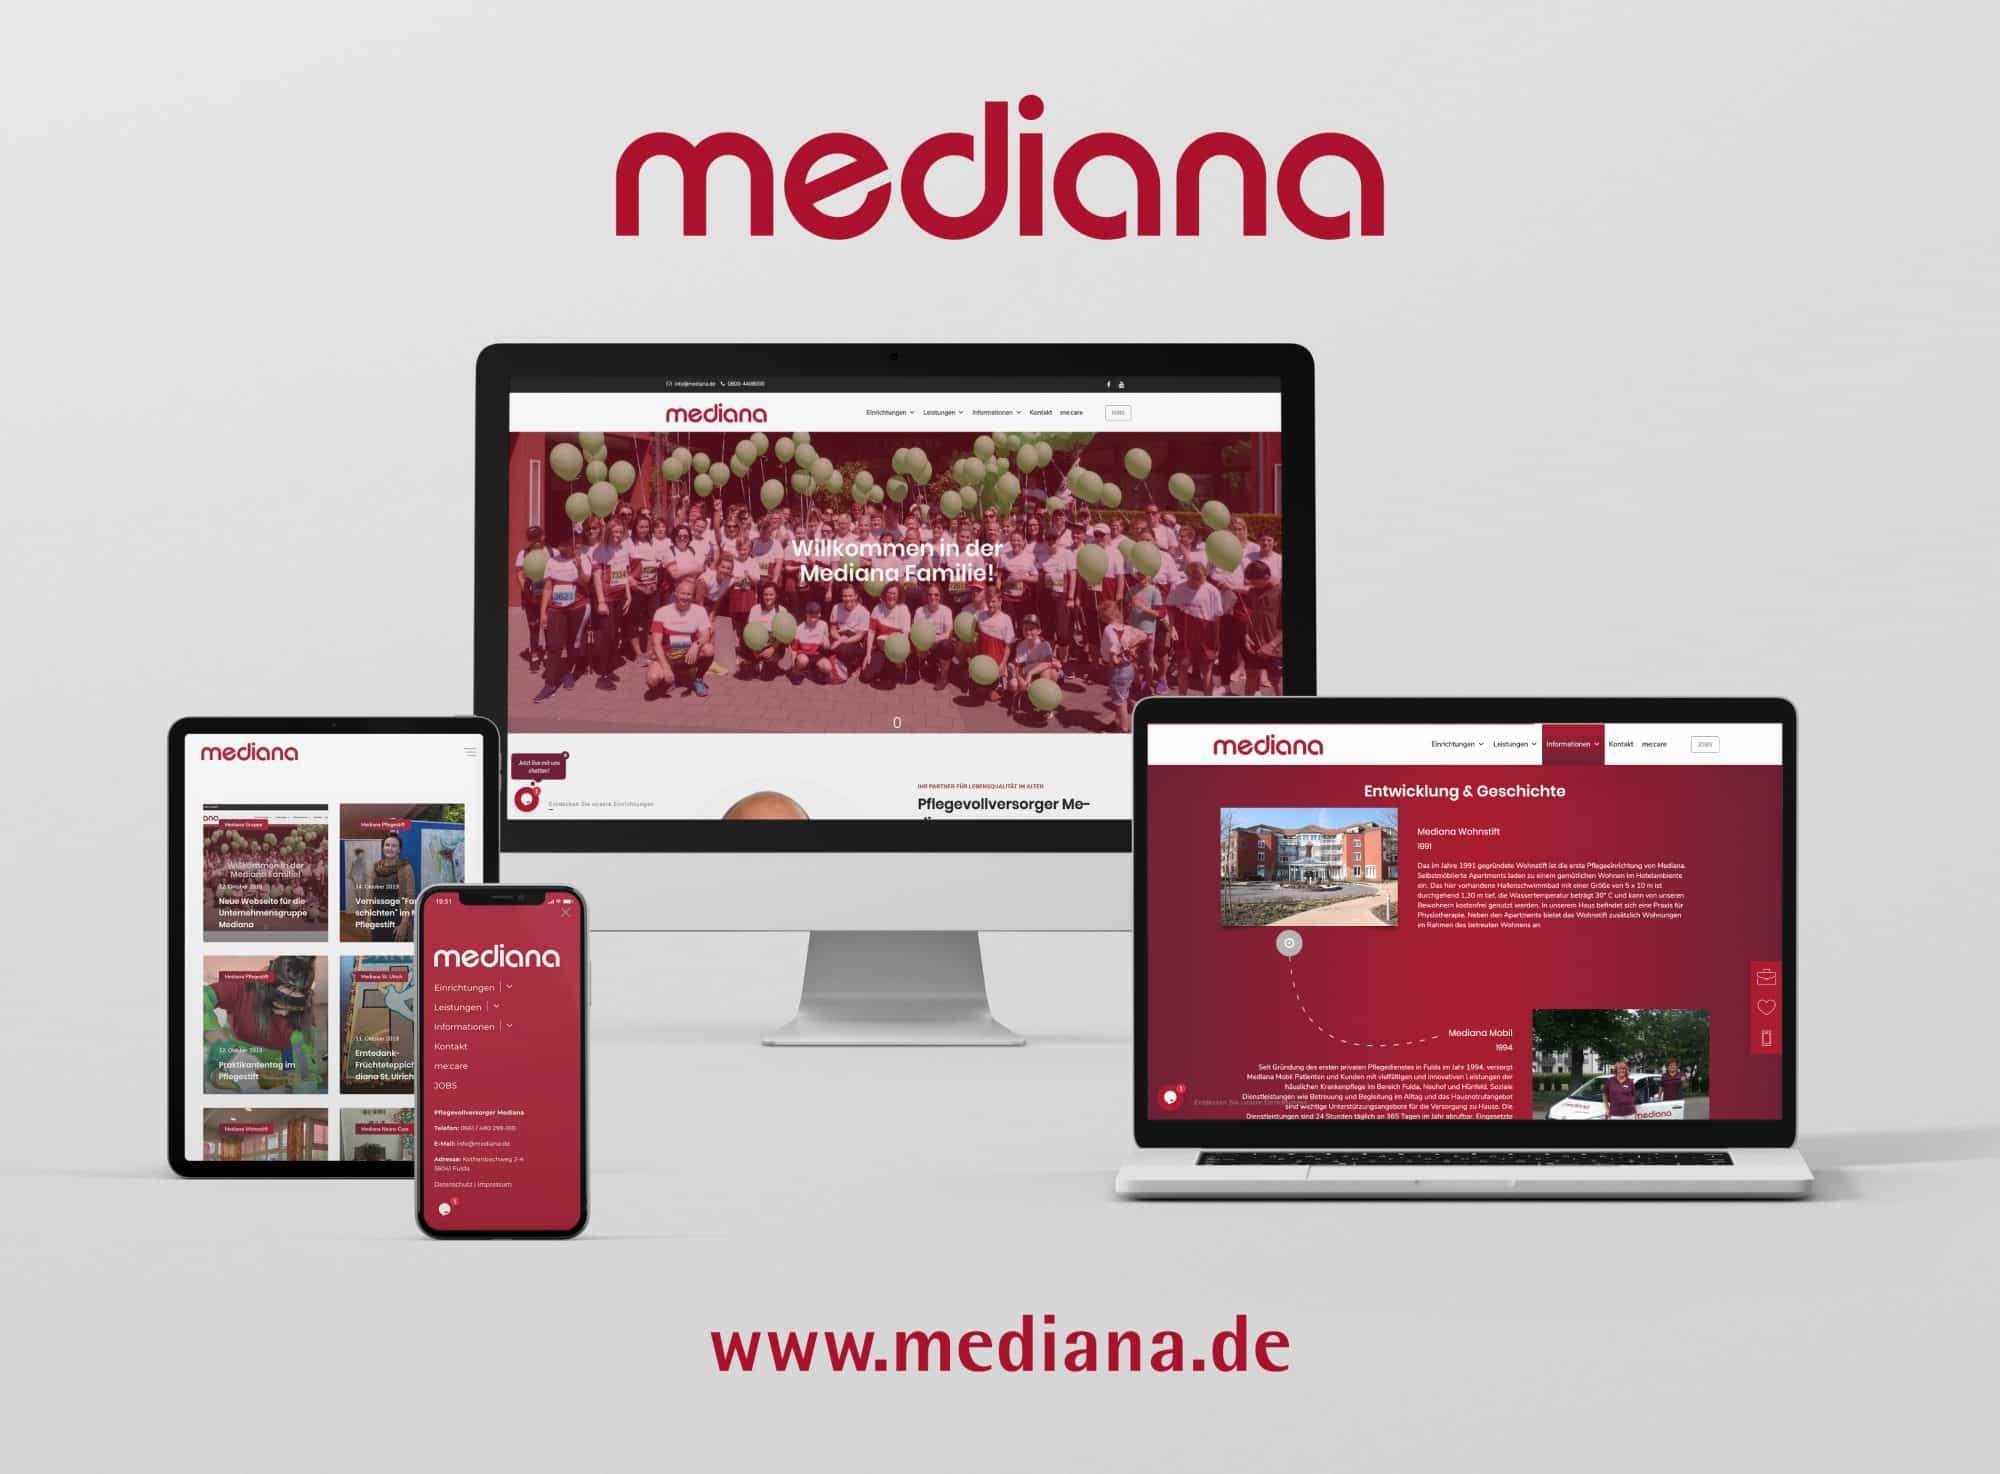 Neue Webseite: Mediana heißt Besucher mit emotionalem Auftritt willkommen